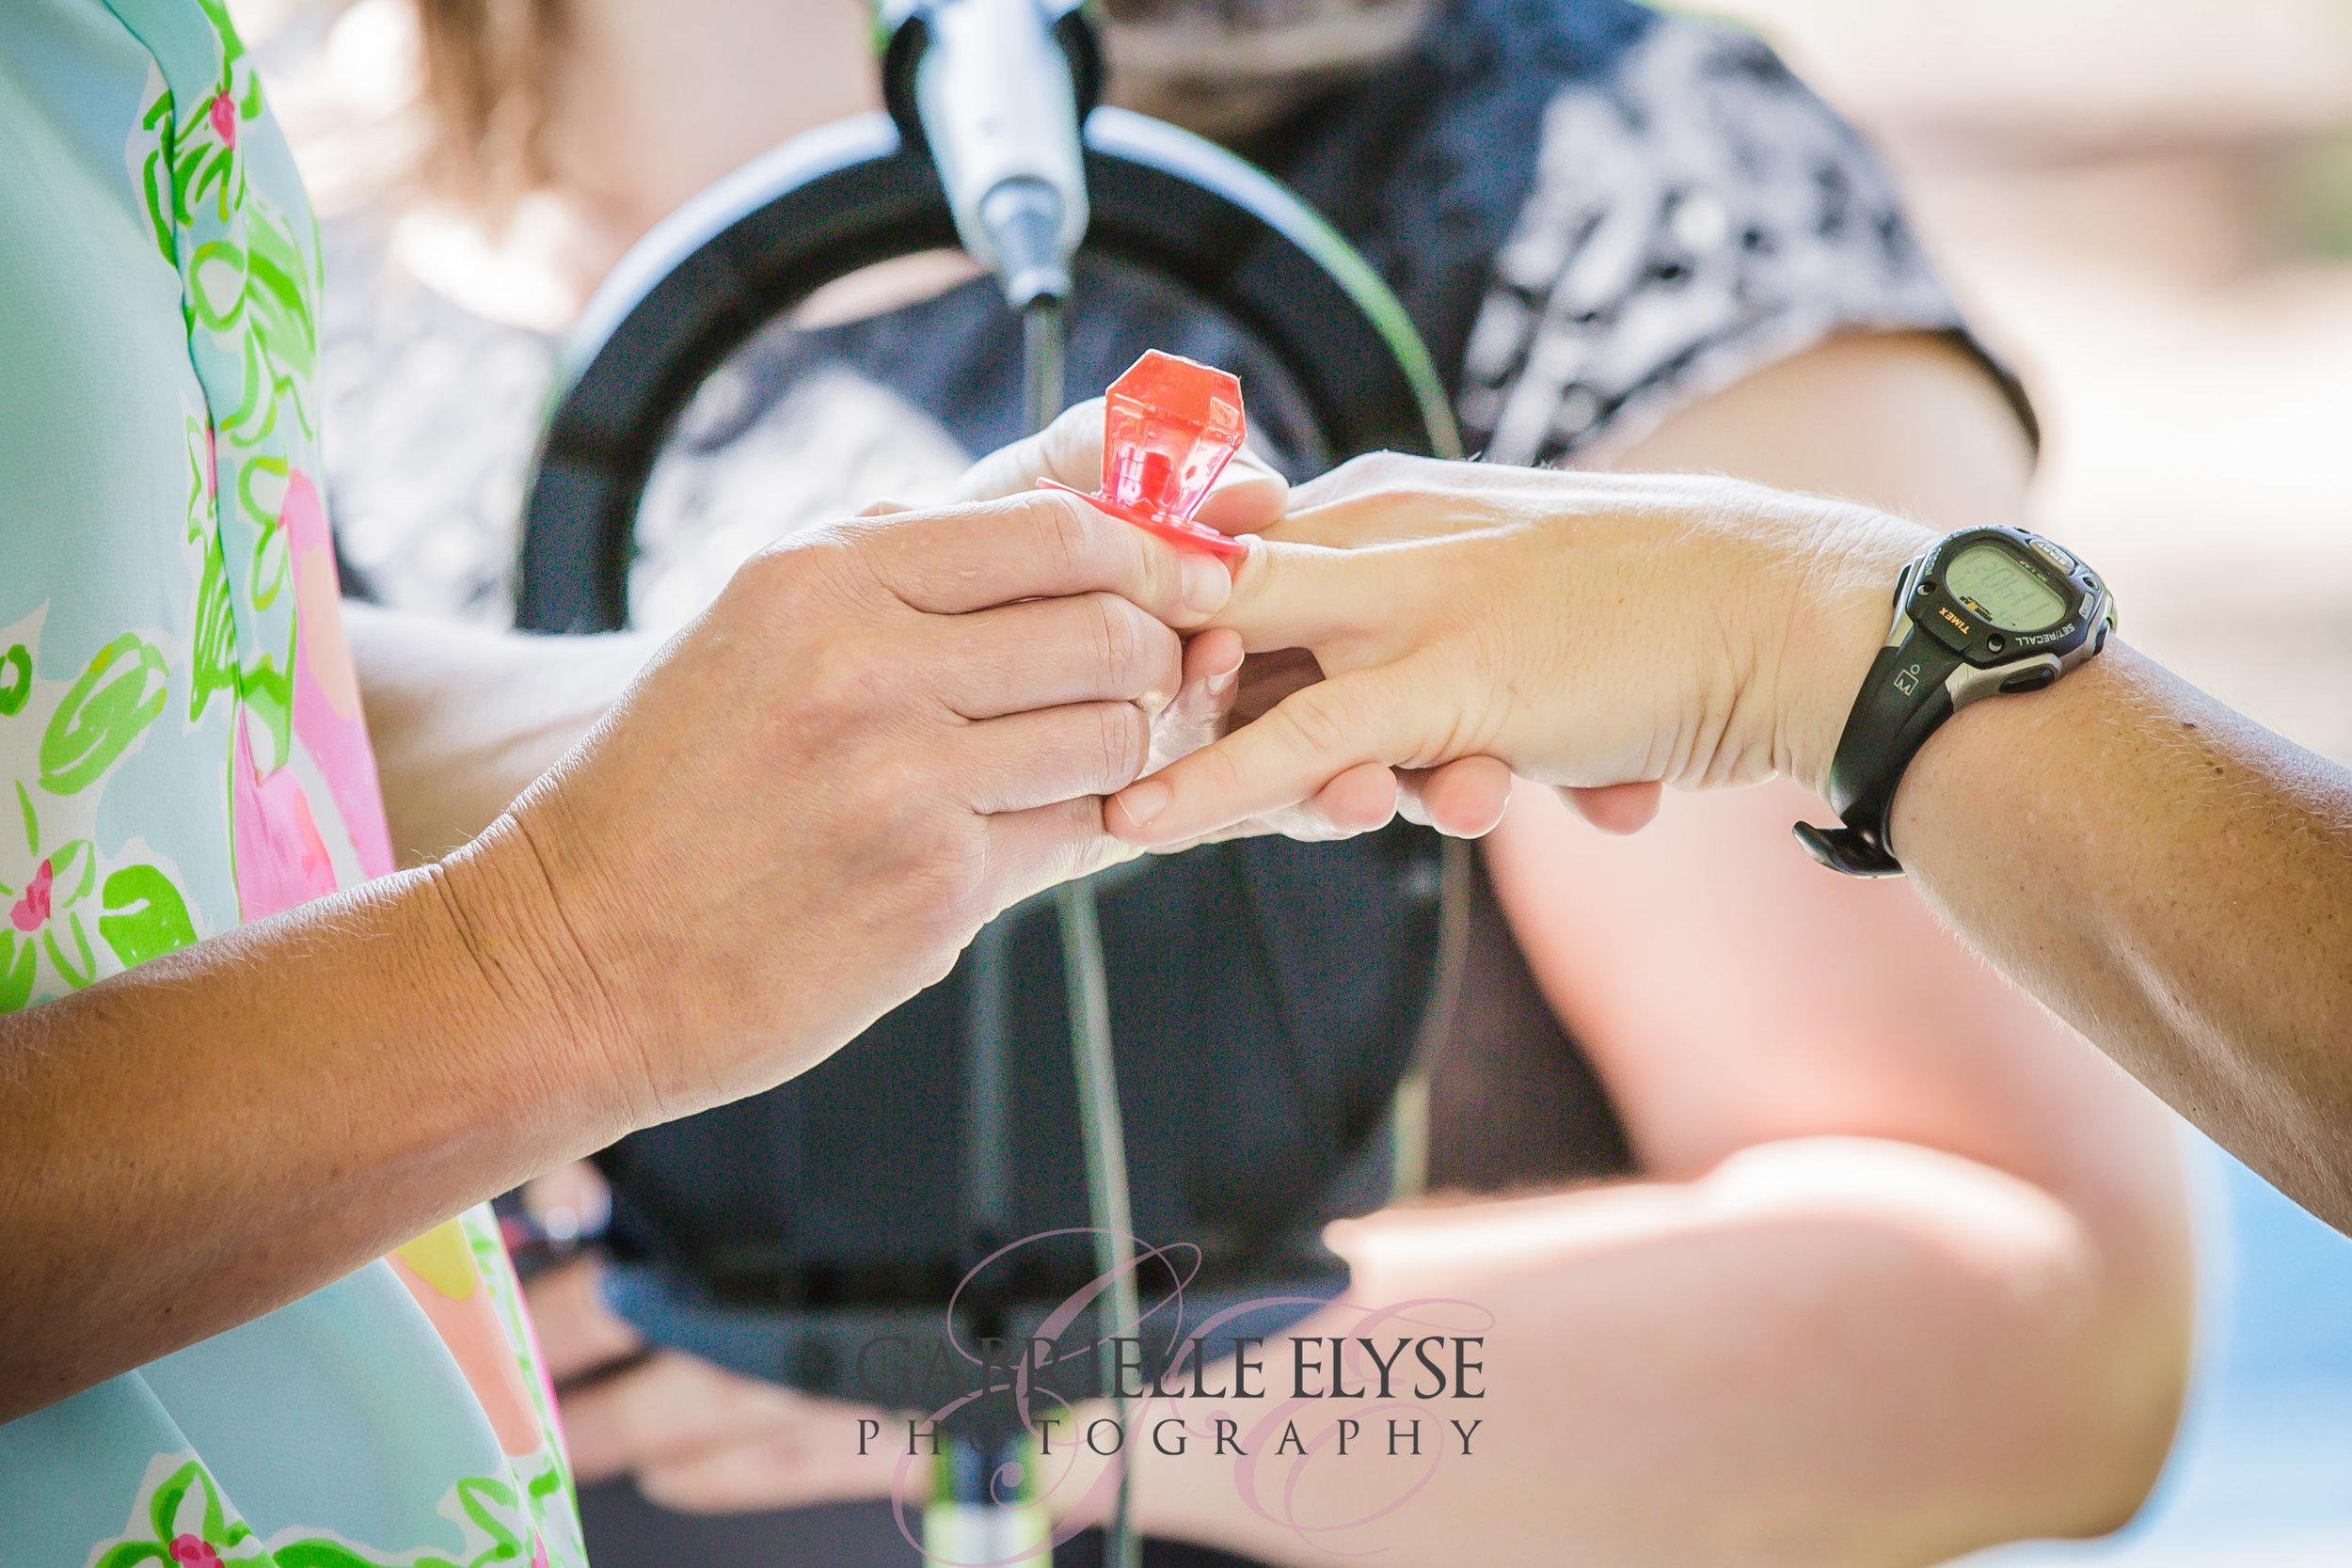 ring exchange wedding ring pop